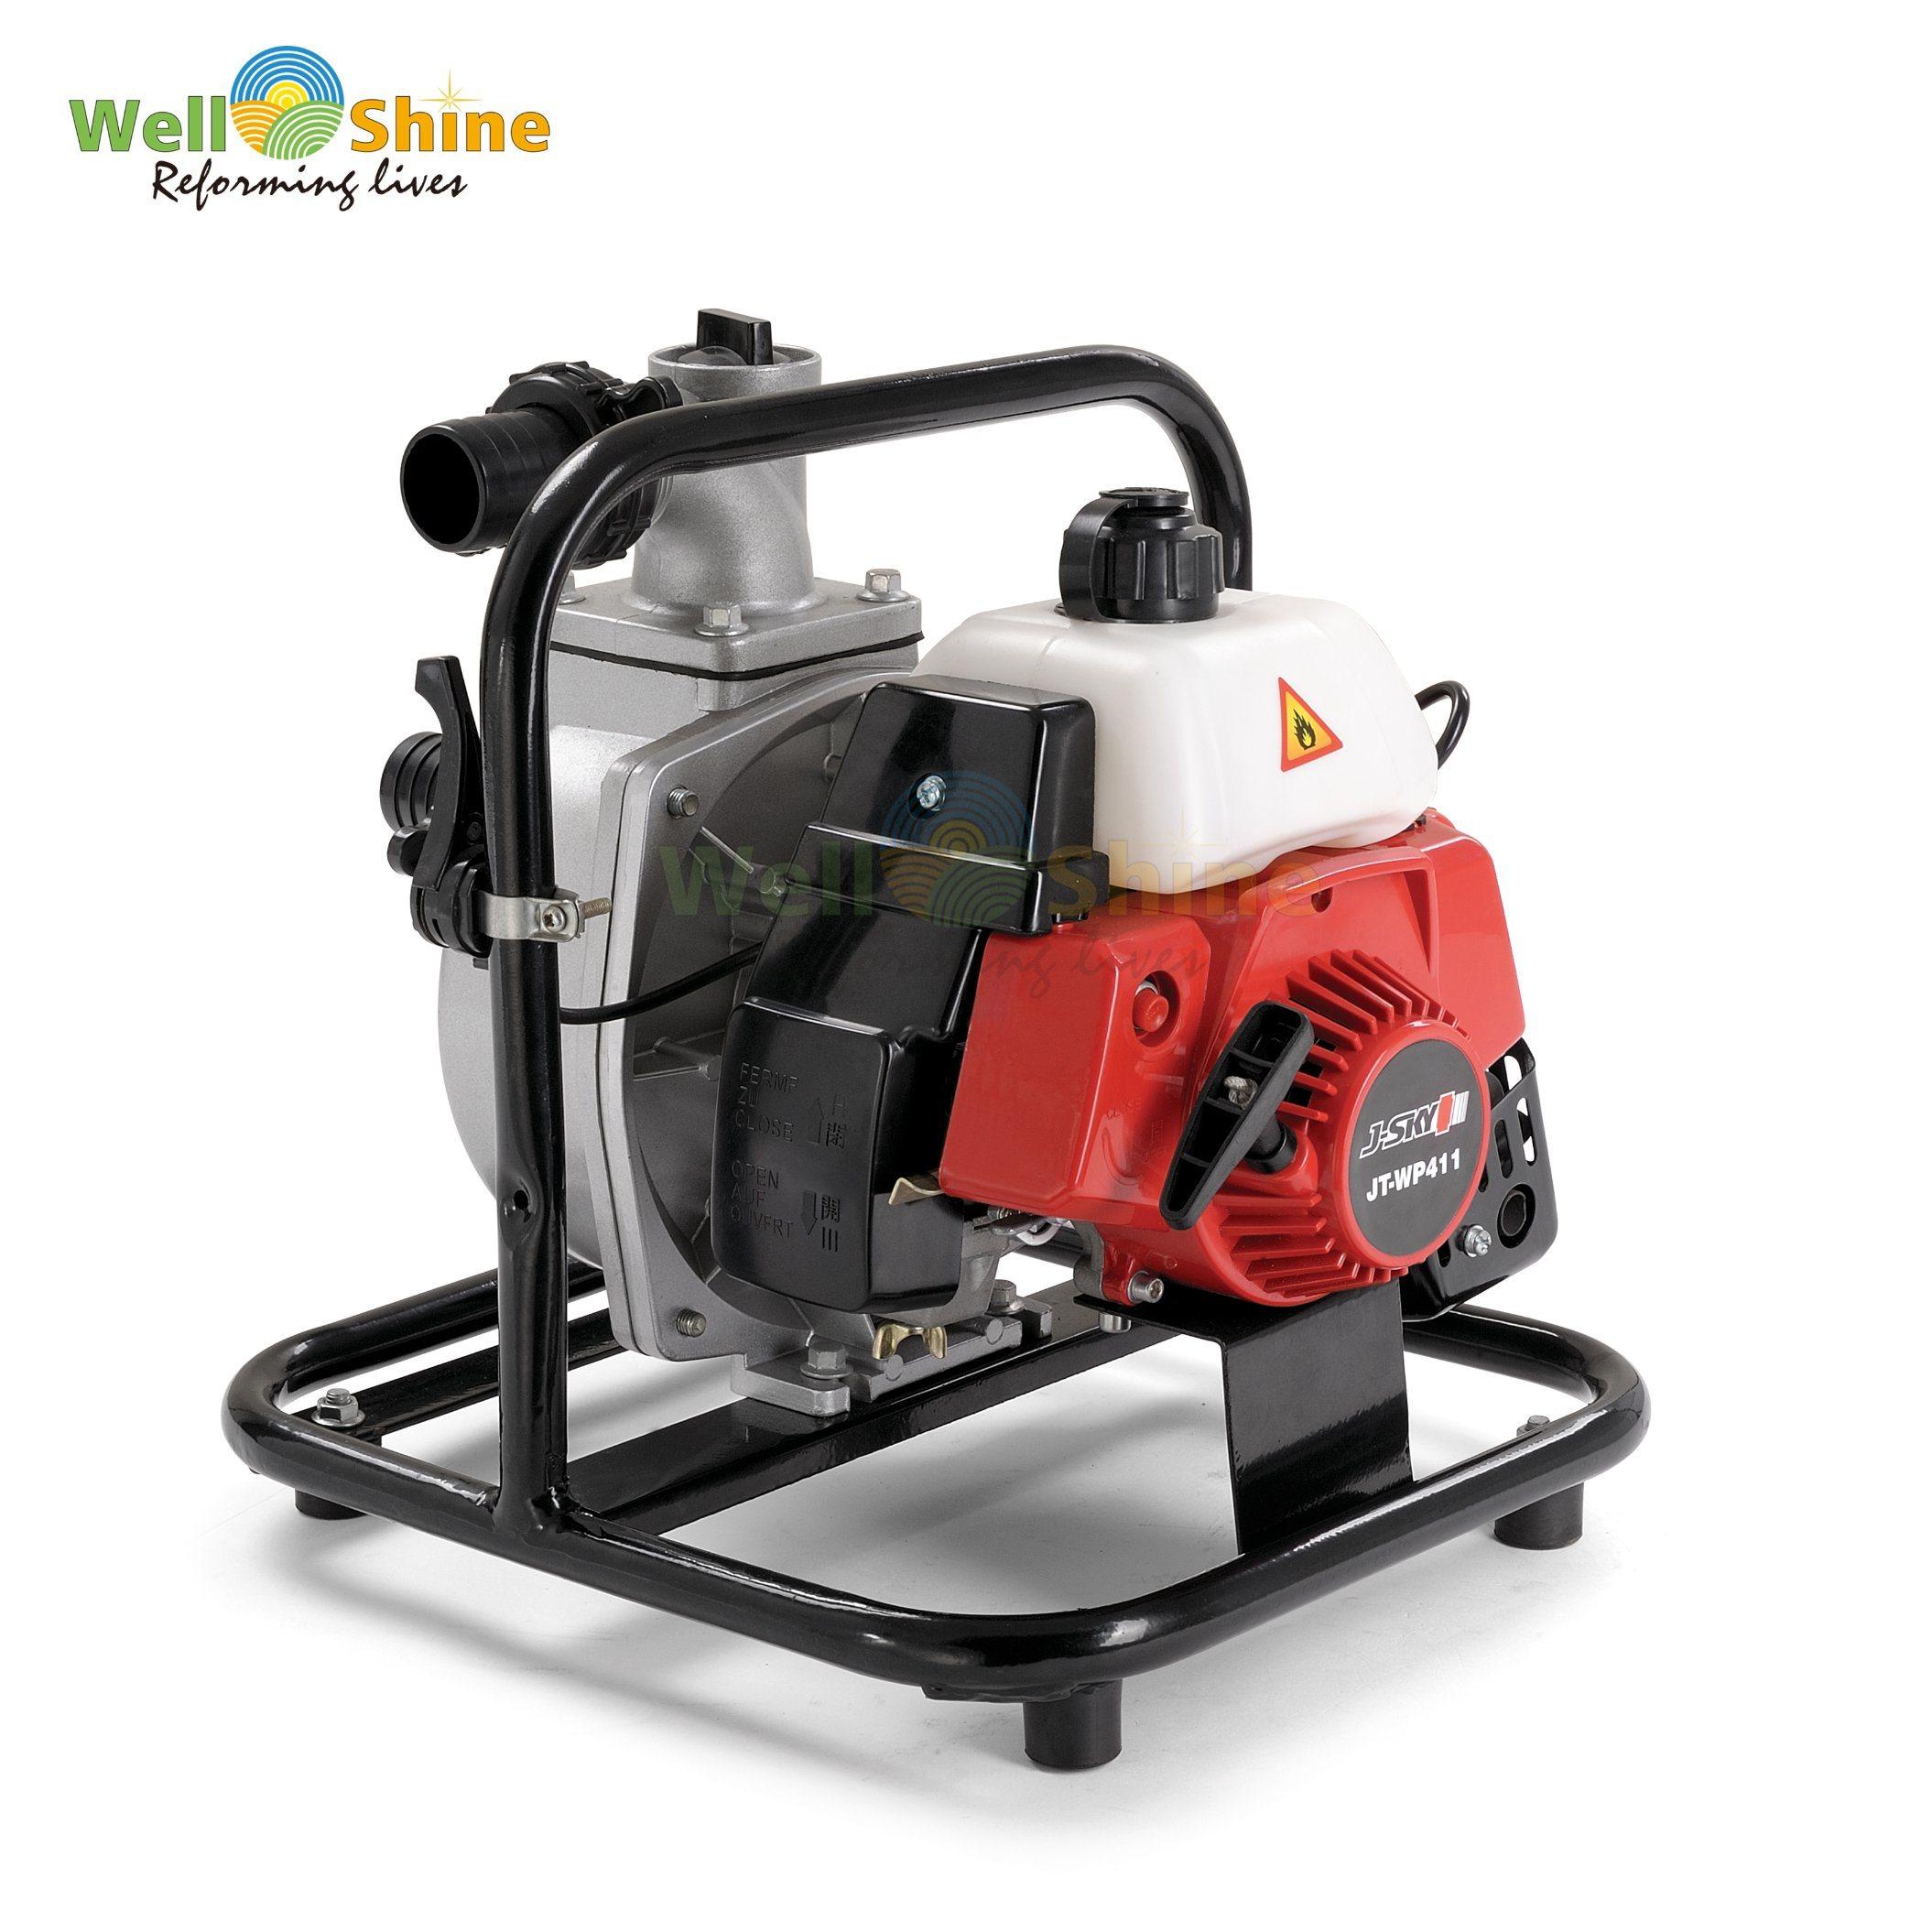 1,5 pouces 40cc la pompe à eau, de la pompe, jardin, de la pompe à essence de la pompe à eau, pompe à eau portable, l'essence de la pompe à eau